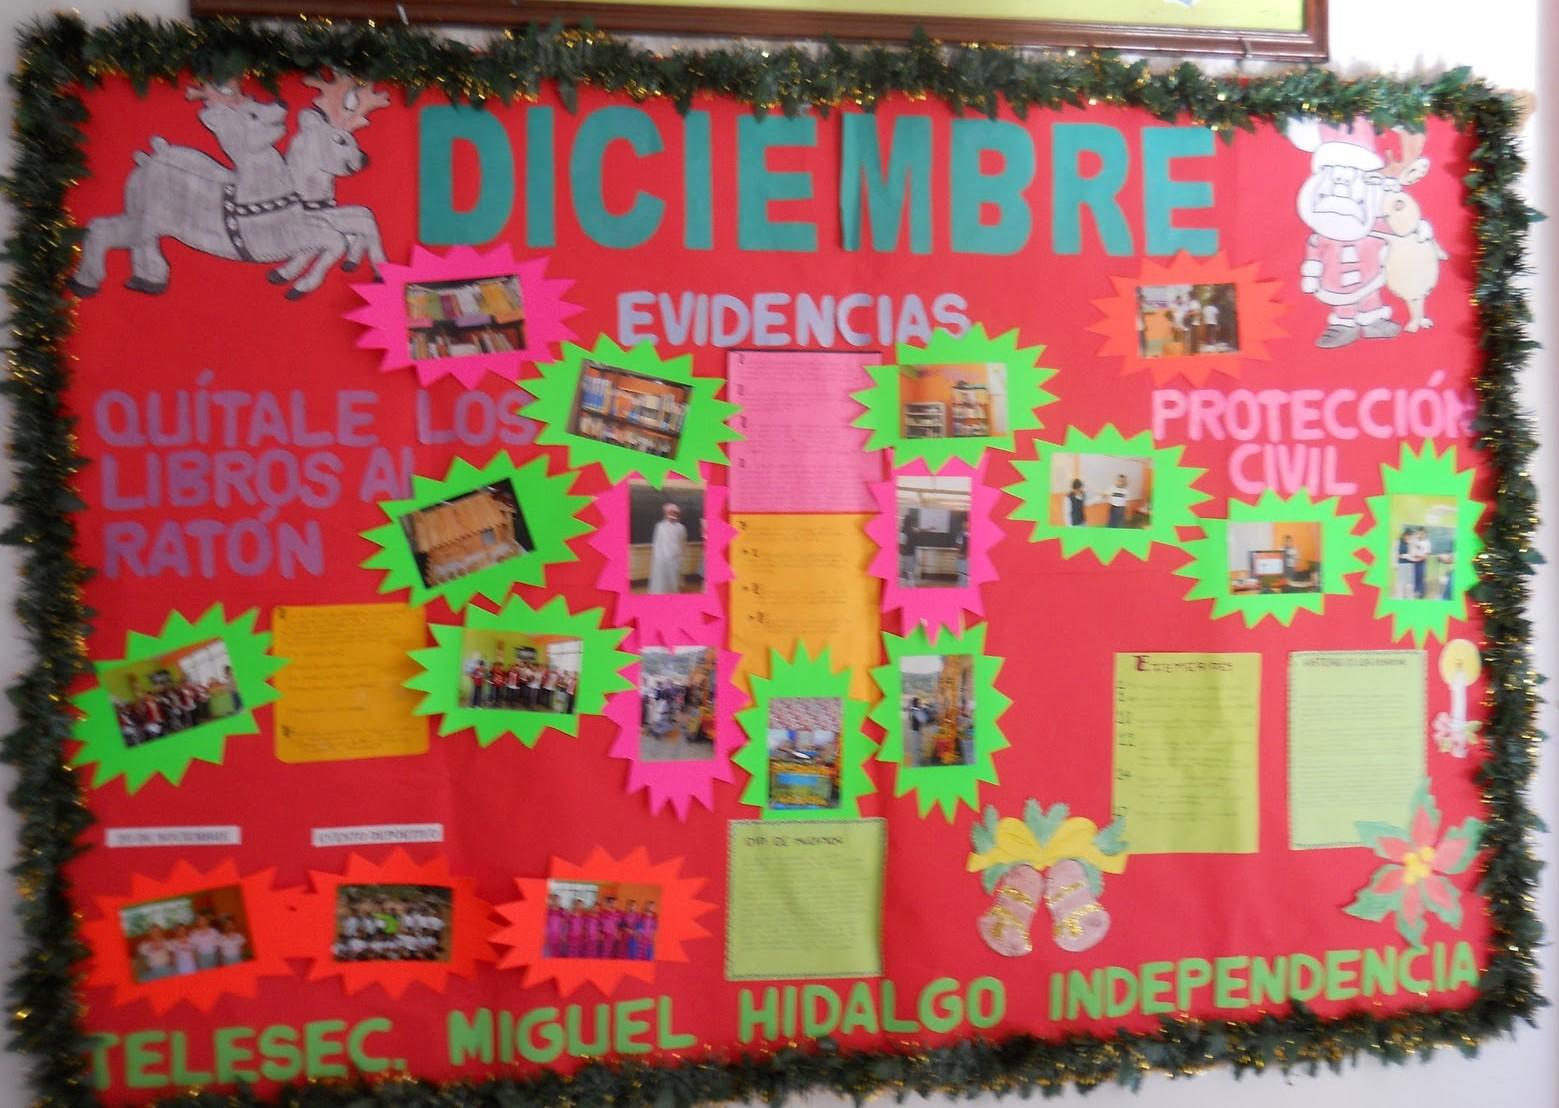 Periodico mural diciembre 6 imagenes educativas for Avisos de ocasion el mural